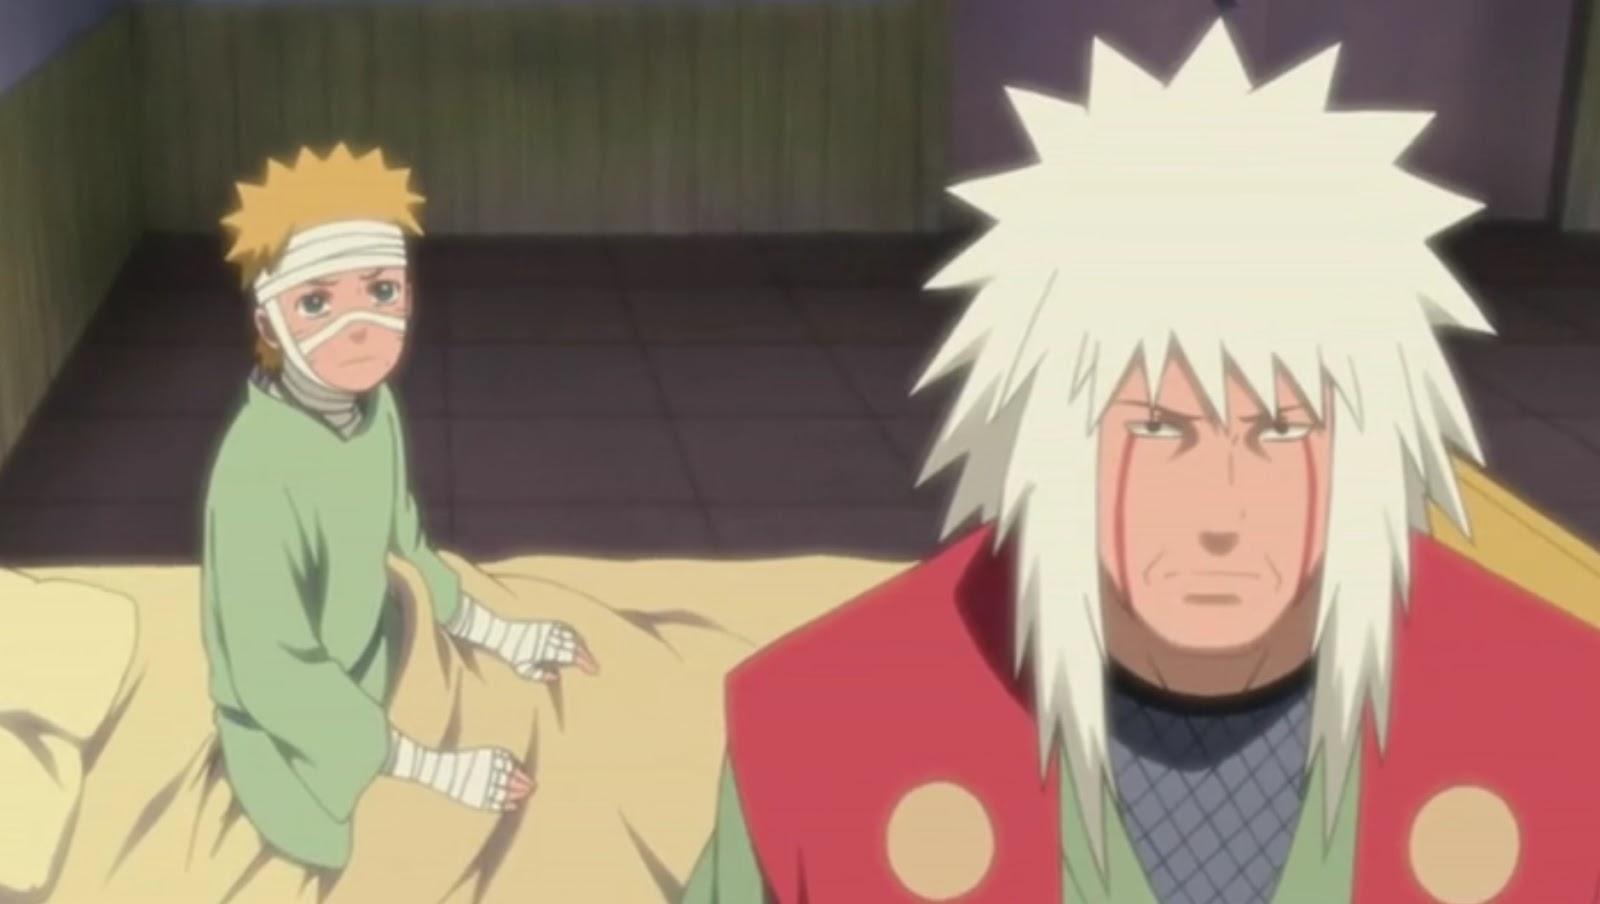 Naruto Shippuden Episódio 187, Assistir Naruto Shippuden Episódio 187, Assistir Naruto Shippuden Todos os Episódios Legendado, Naruto Shippuden episódio 187,HD